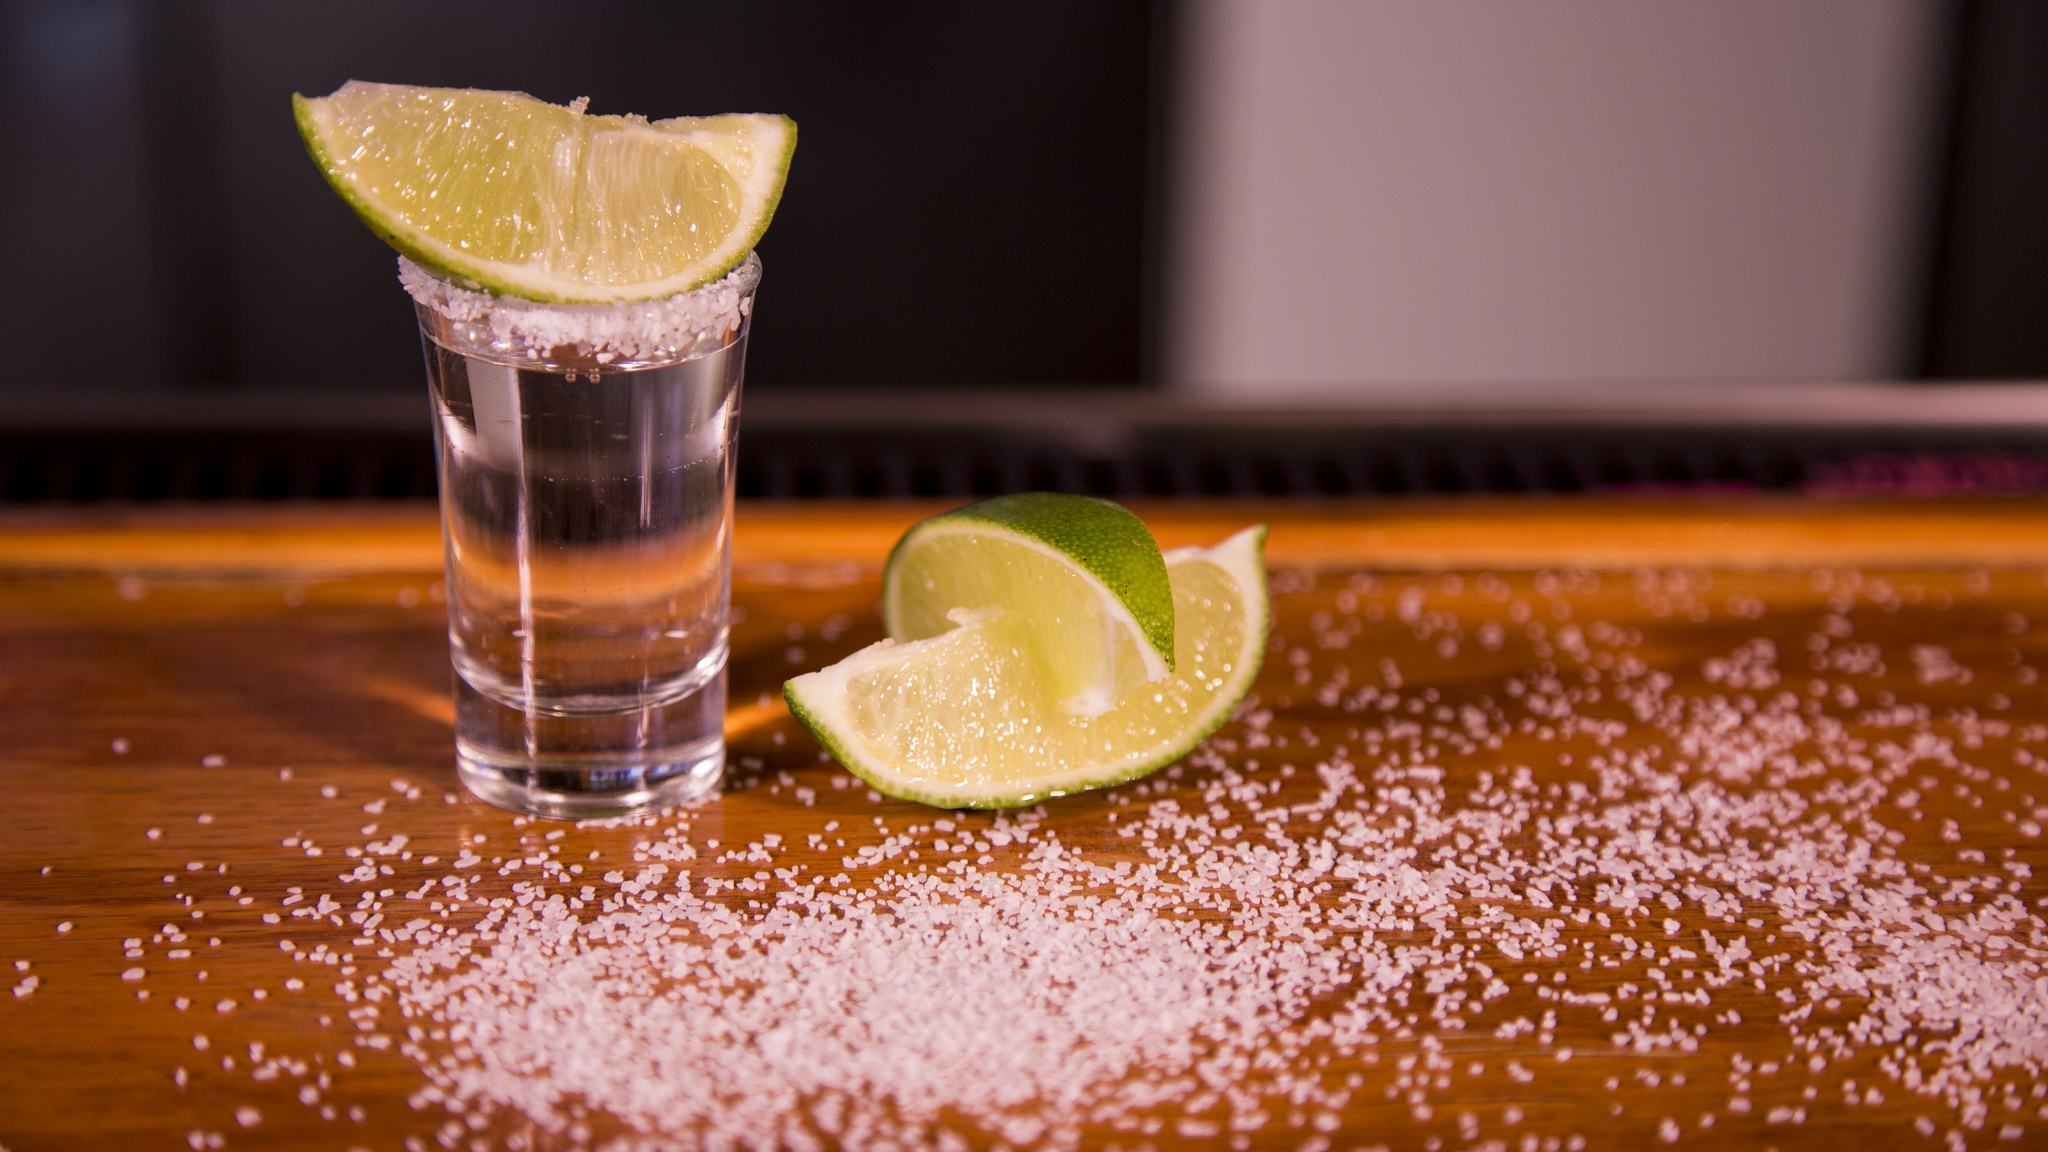 Kieliszek tequili z cząstką limonki stojący na stole, a obok kolejne limonki i rozsypana sól